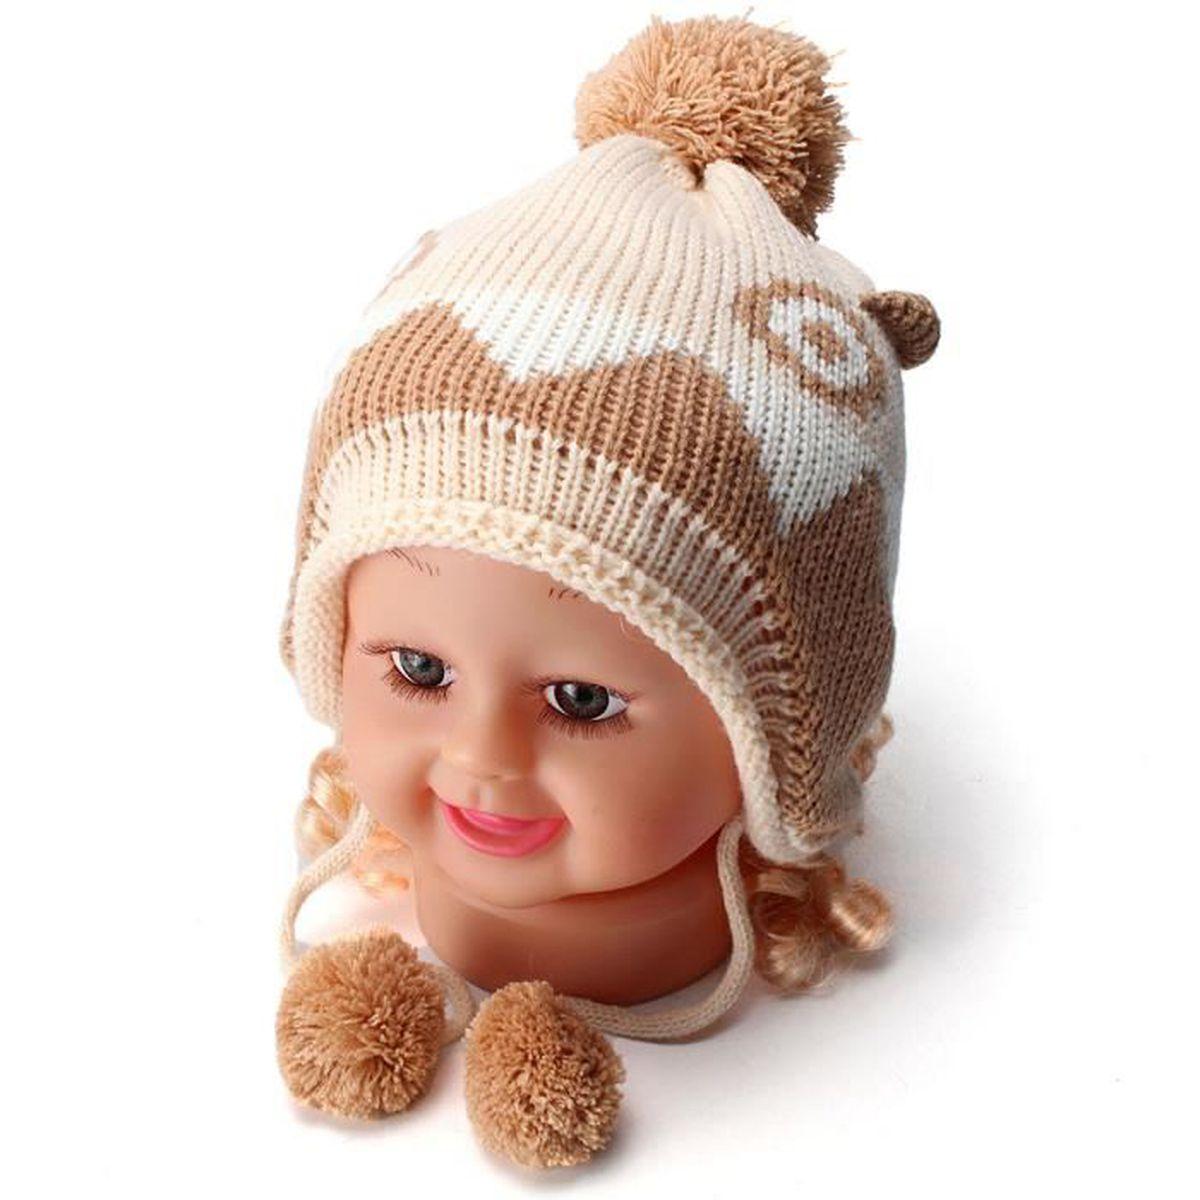 Bébé Bonnet Tricot Chaud Hiver Crochet Cache-oreilles Pompon Mignon  Crème+Kaki 874a8b480d1